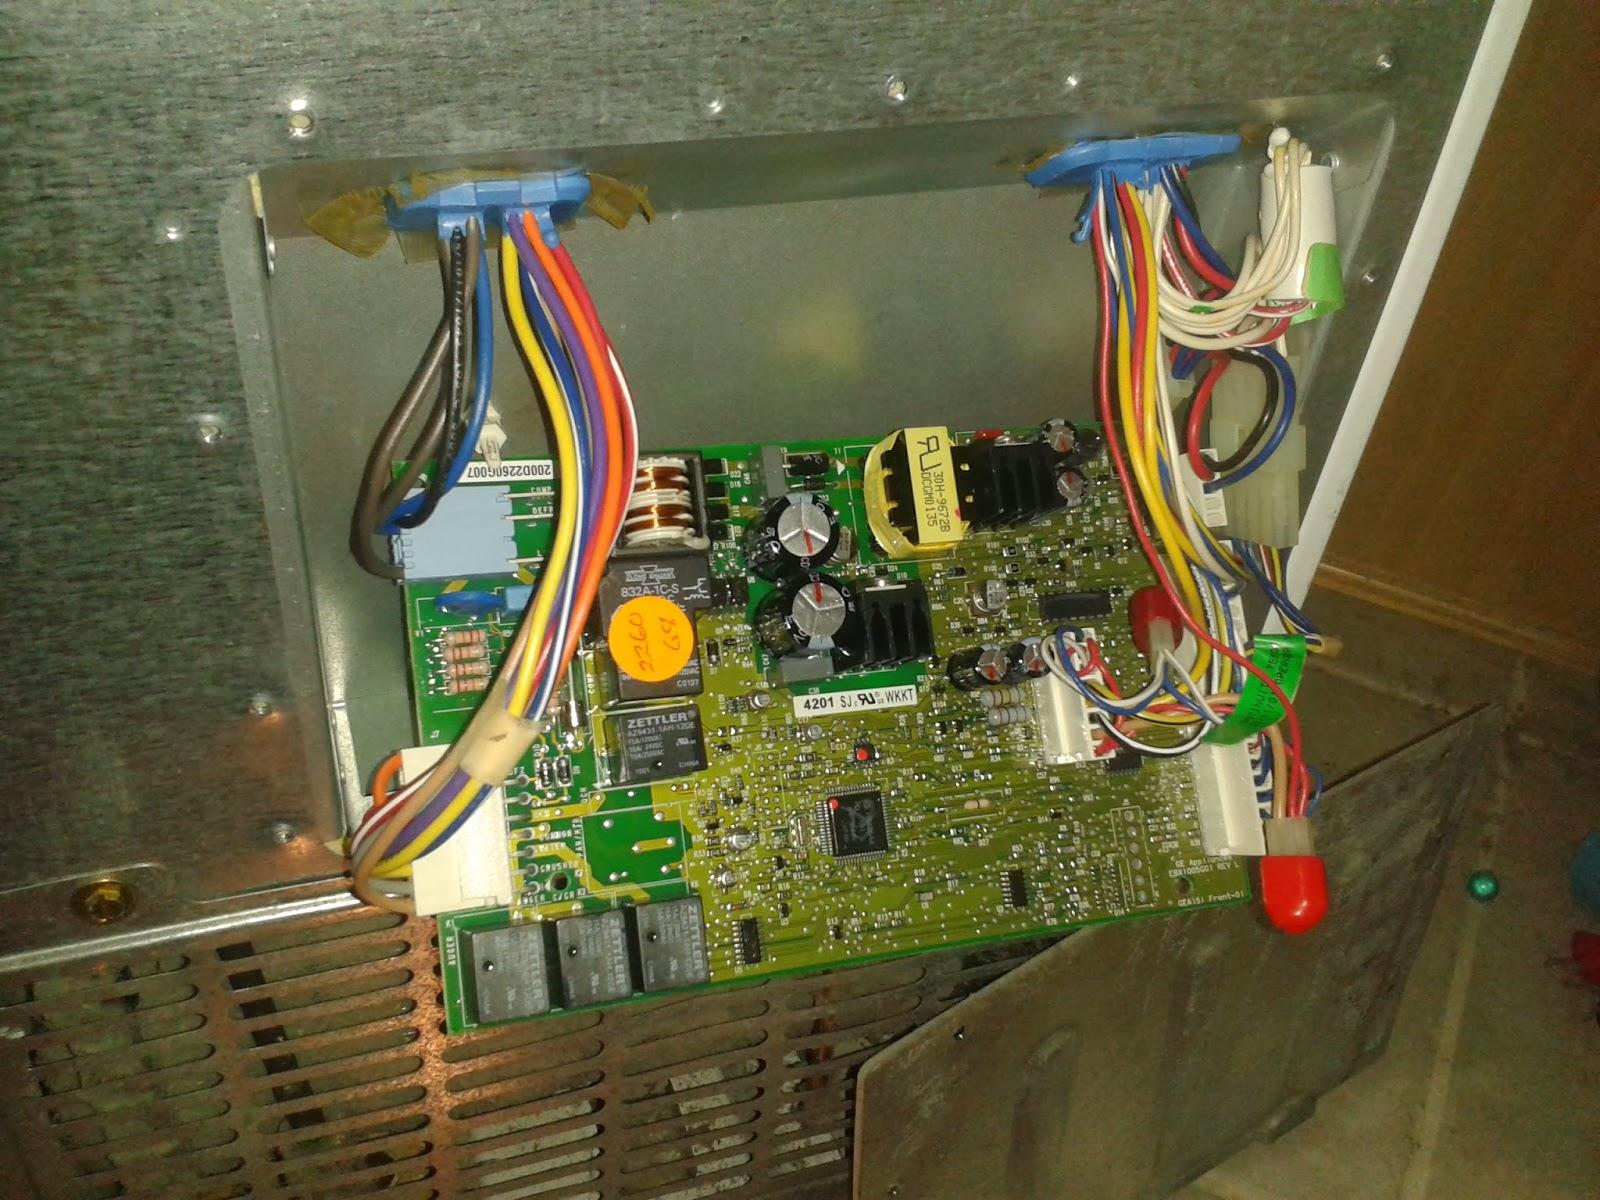 ge refrigerator motherboard wiring diagram ge refrigerator GE Defrost Timer Wiring Diagram GE Profile Refrigerator Wiring Diagram